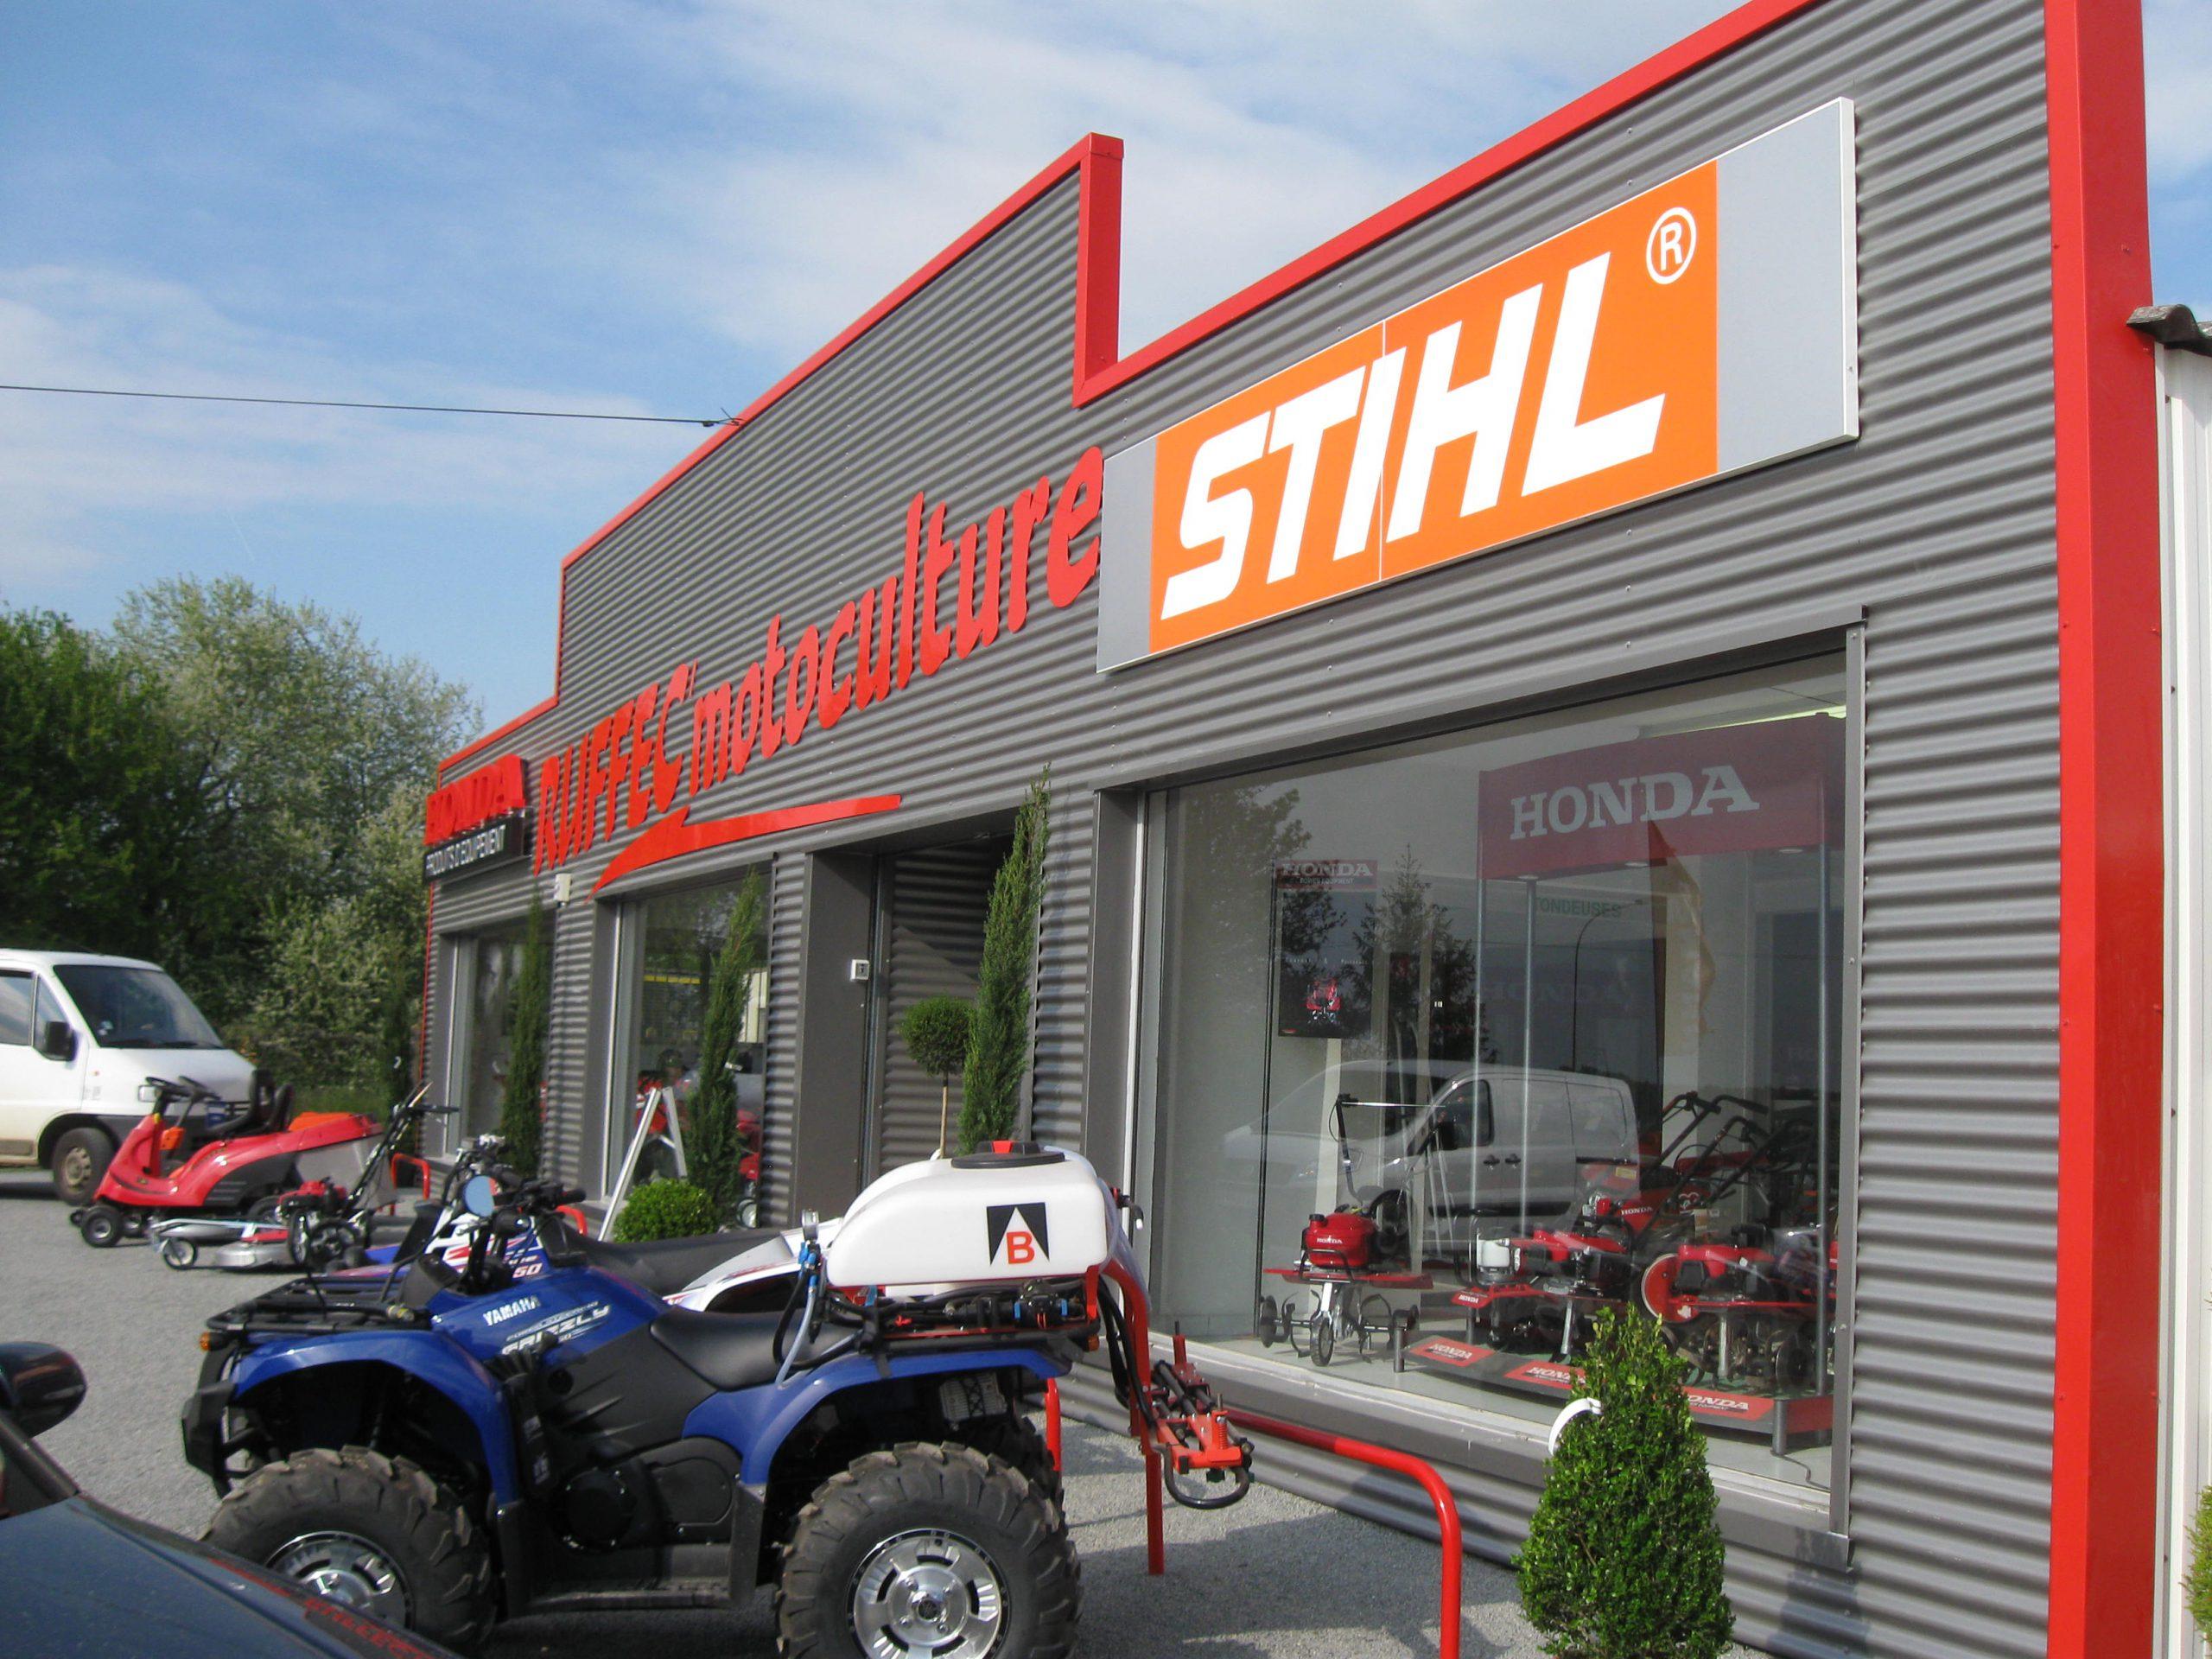 Ruffec Motoculture (CAP Motoculture)